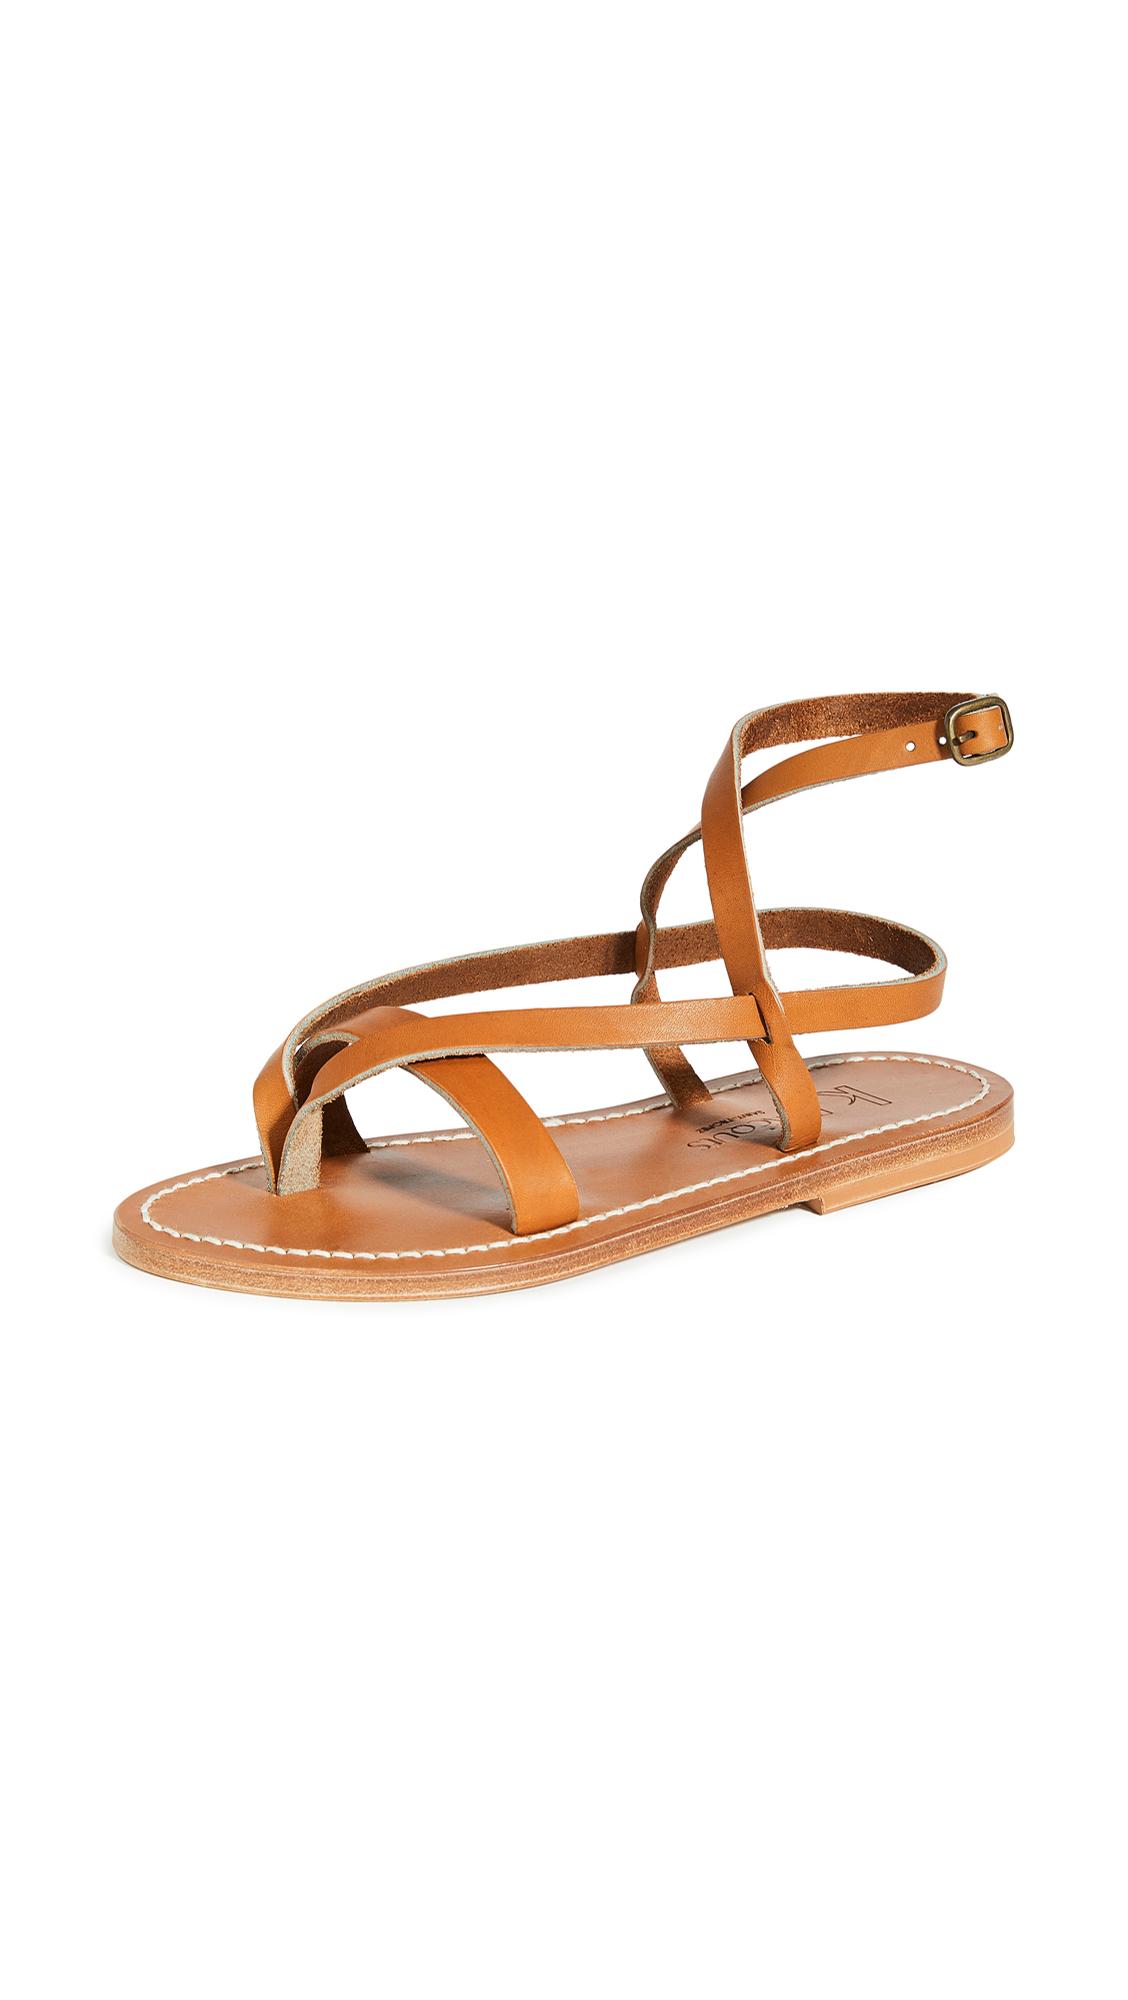 Buy K. Jacques Aubigne Sandals online, shop K. Jacques